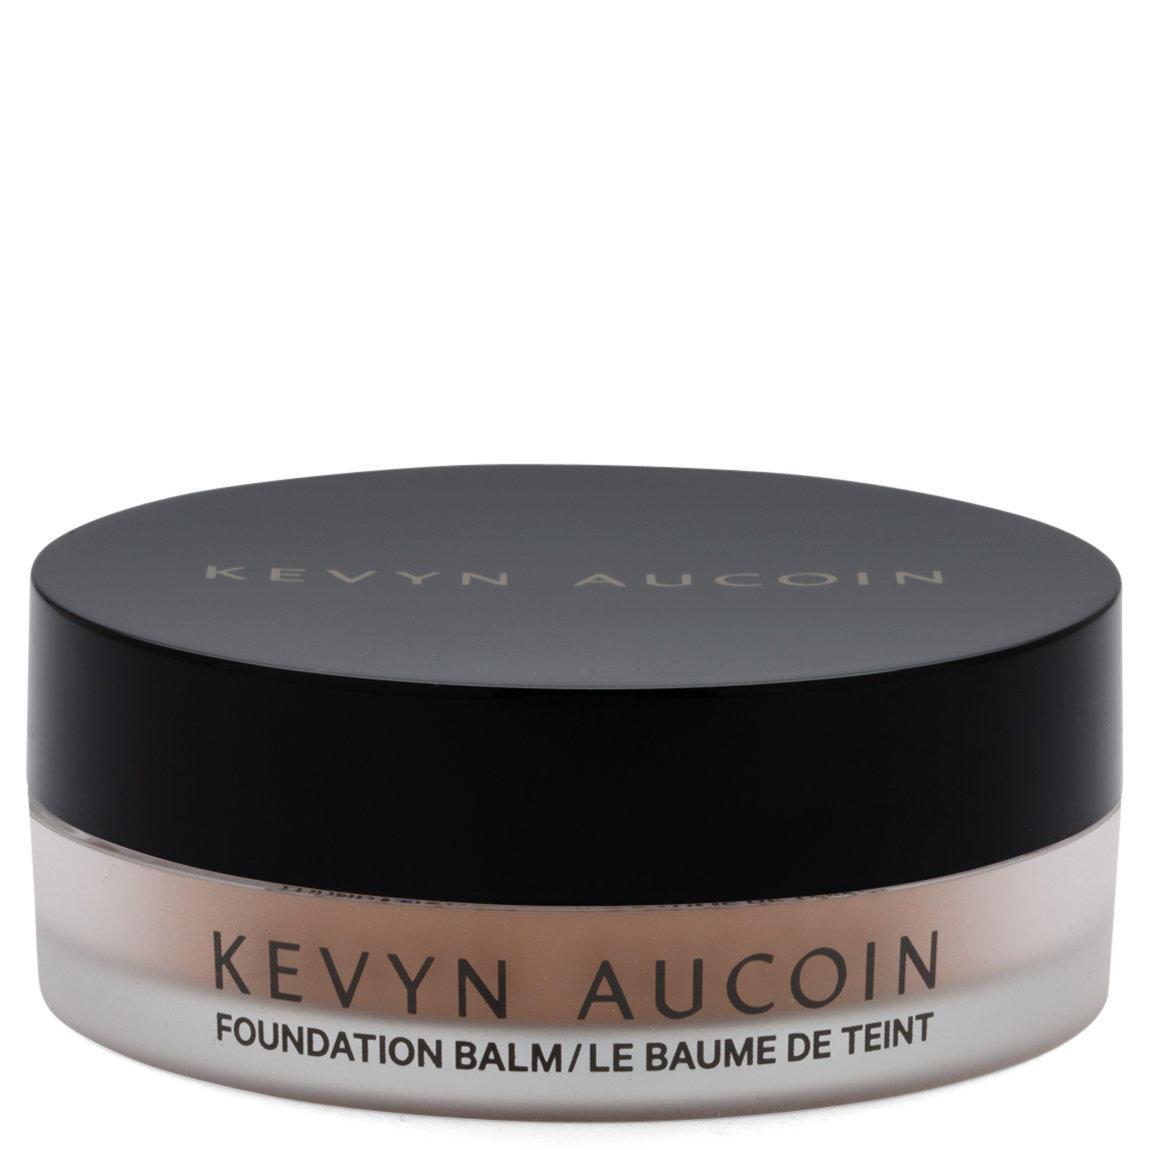 Kevyn Aucoin Foundation Balm Medium FB11